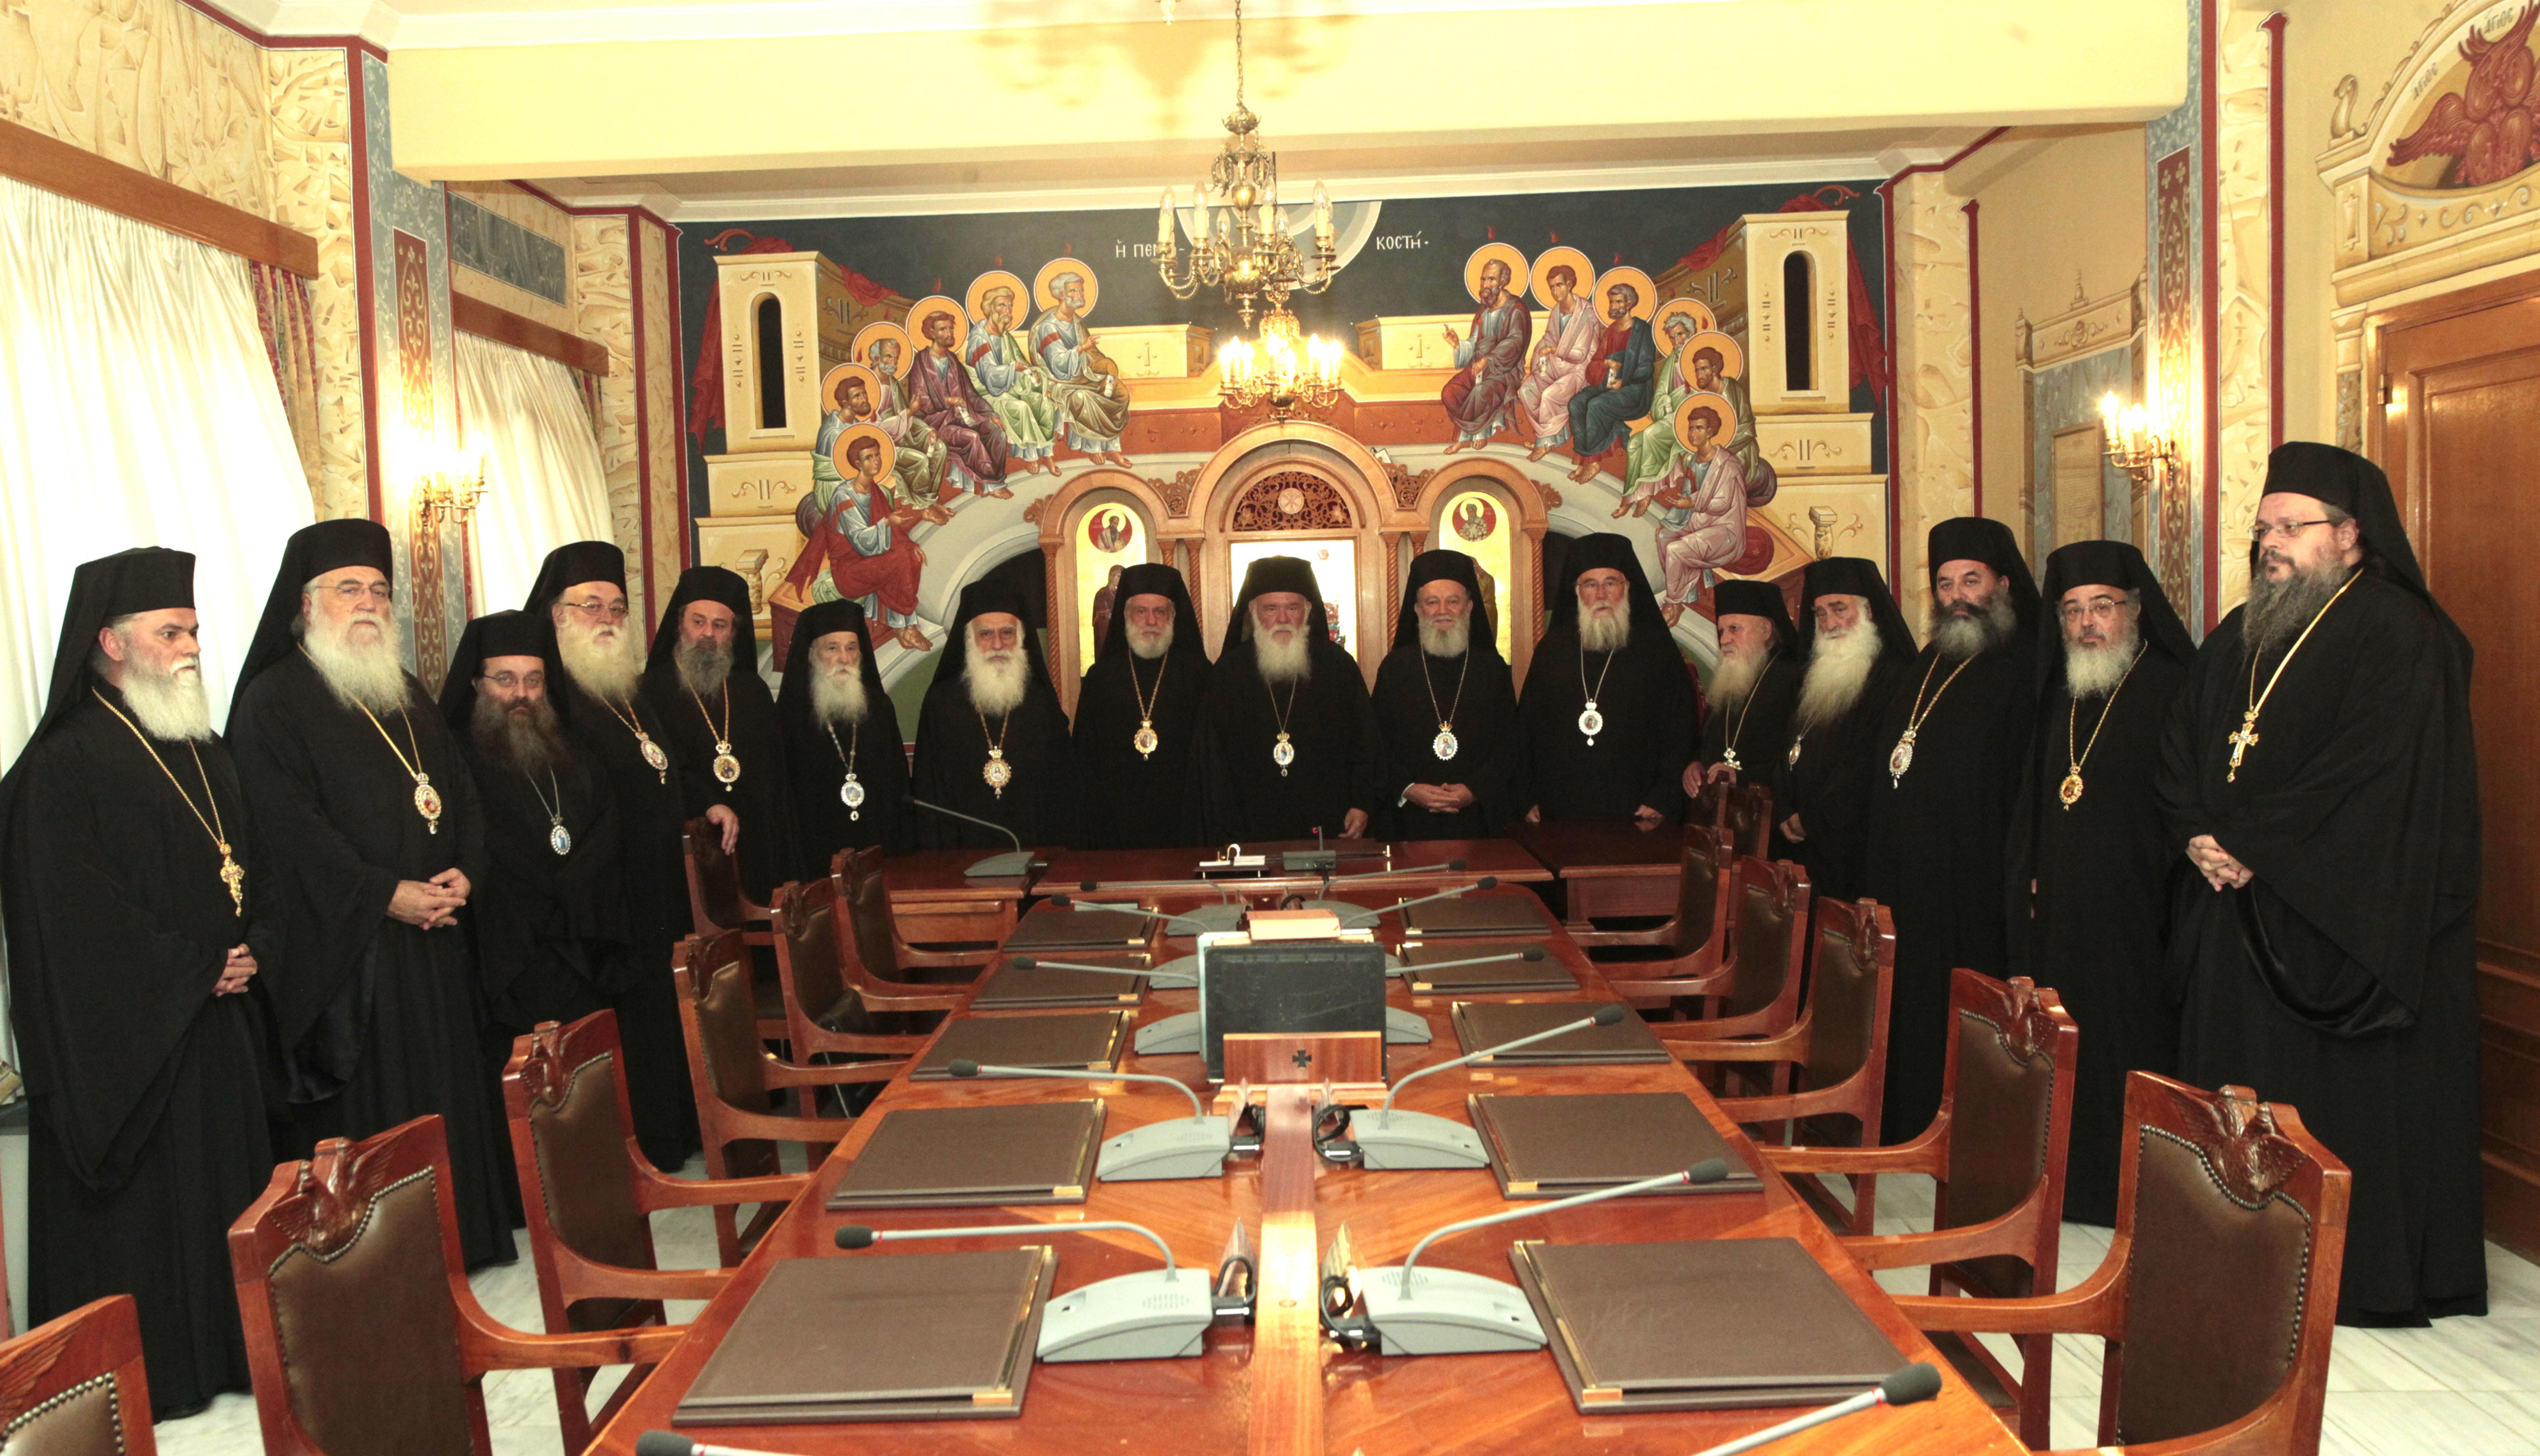 Έκτακτη συνεδρίαση της Διαρκούς Ιεράς Συνόδου για το